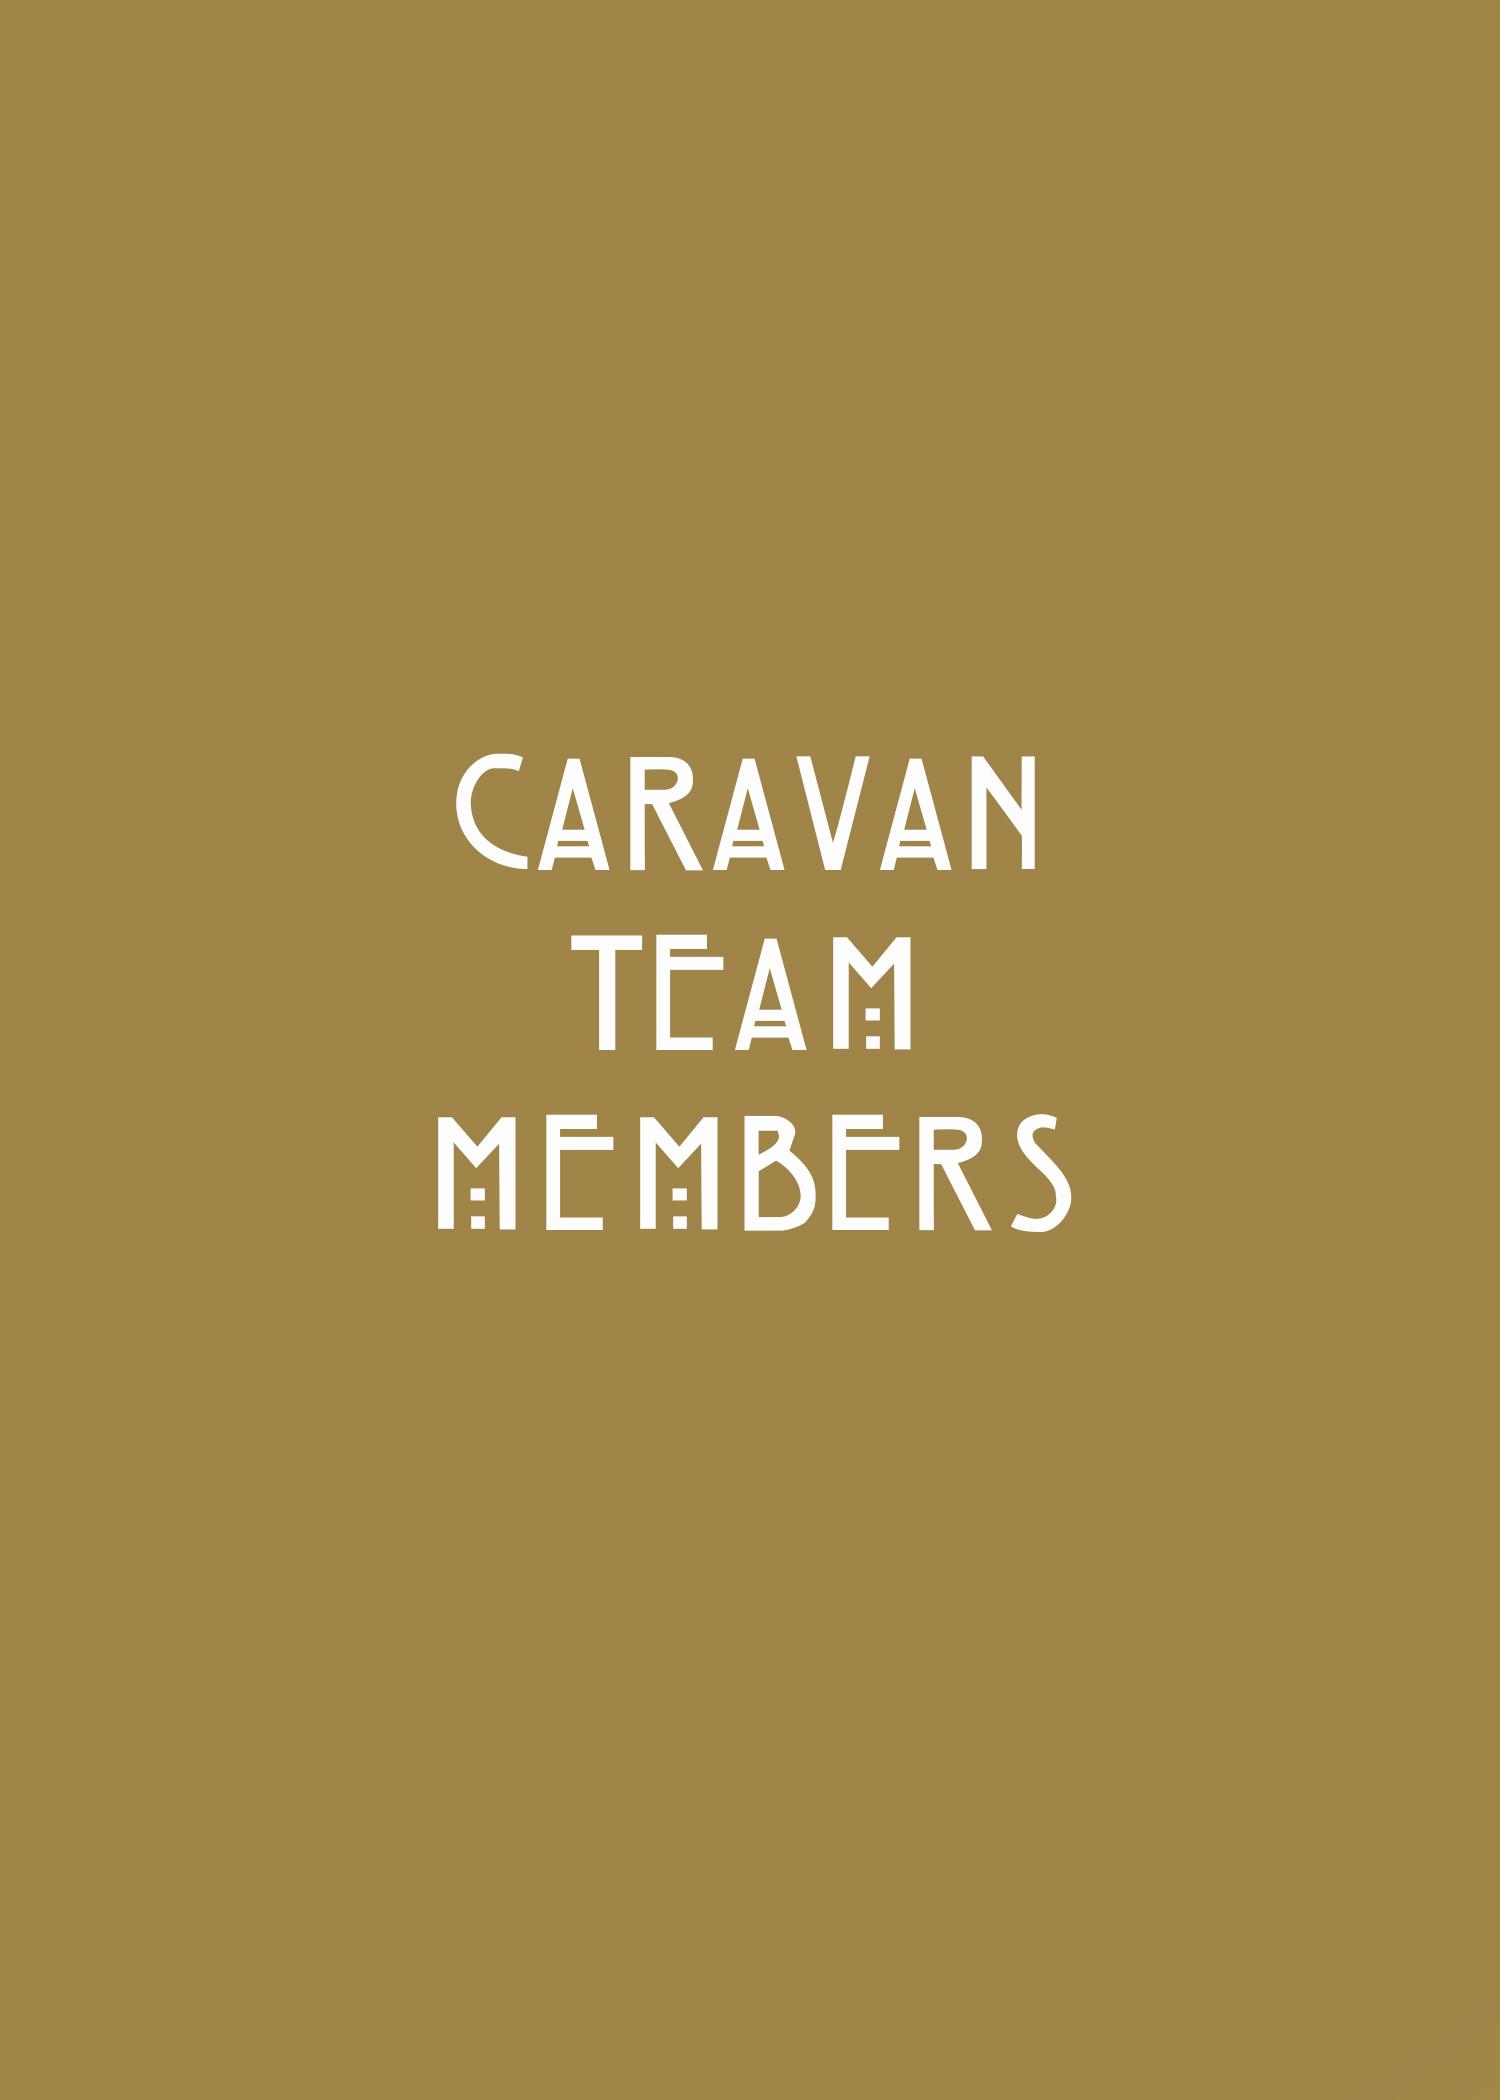 Caravan Team Members